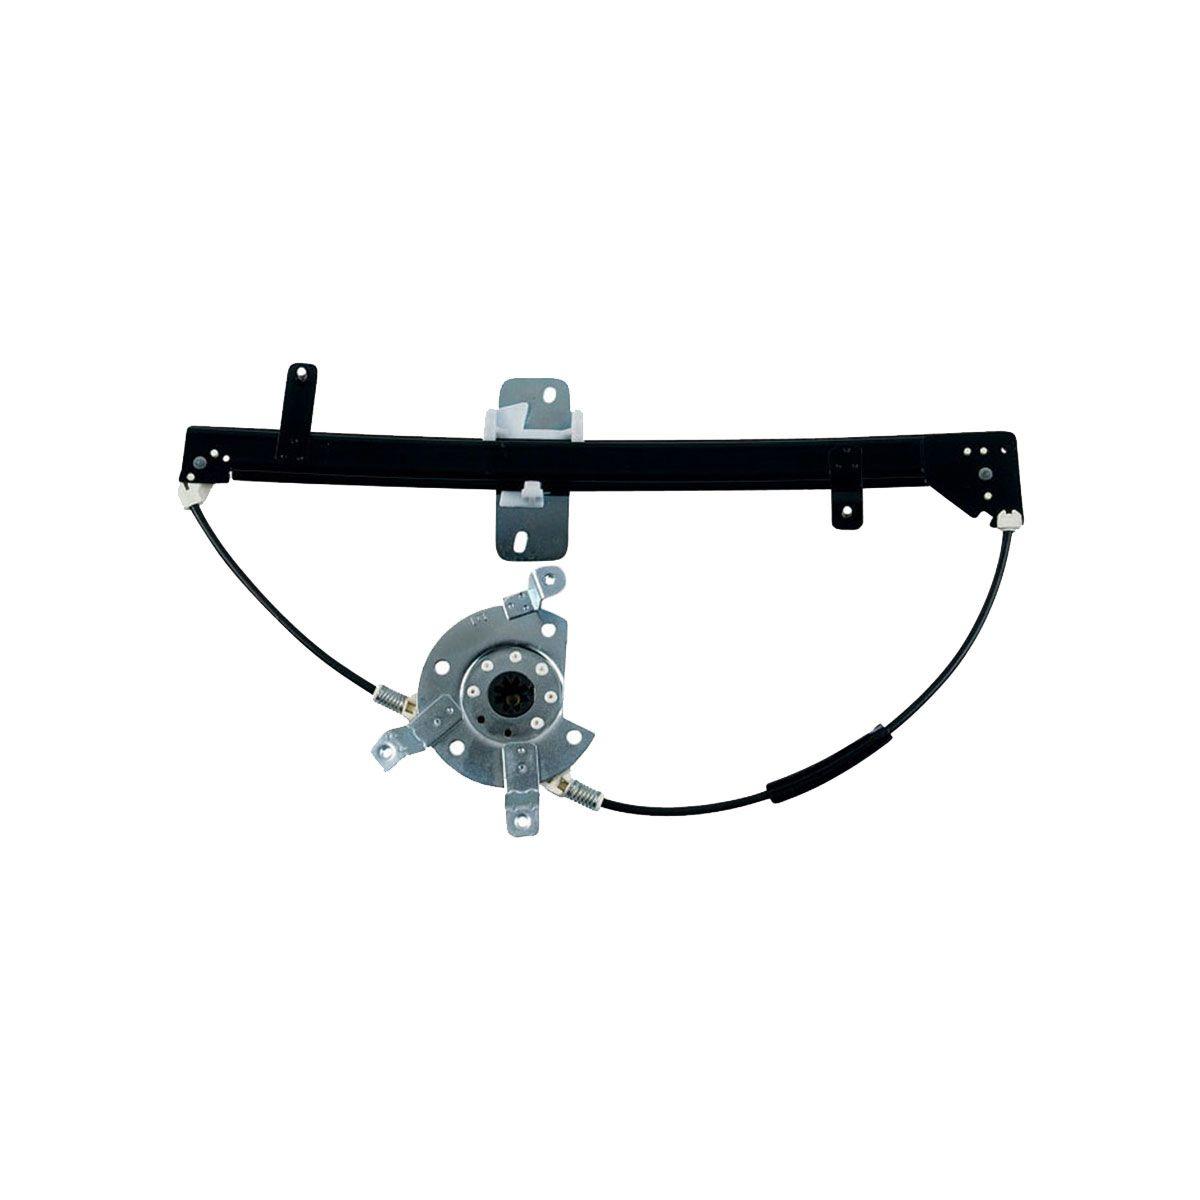 Máquina Vidro Elétrica  Gol 1998 até 2007  4 Portas  Sem Motor  Fixação Mabuchi Traseira